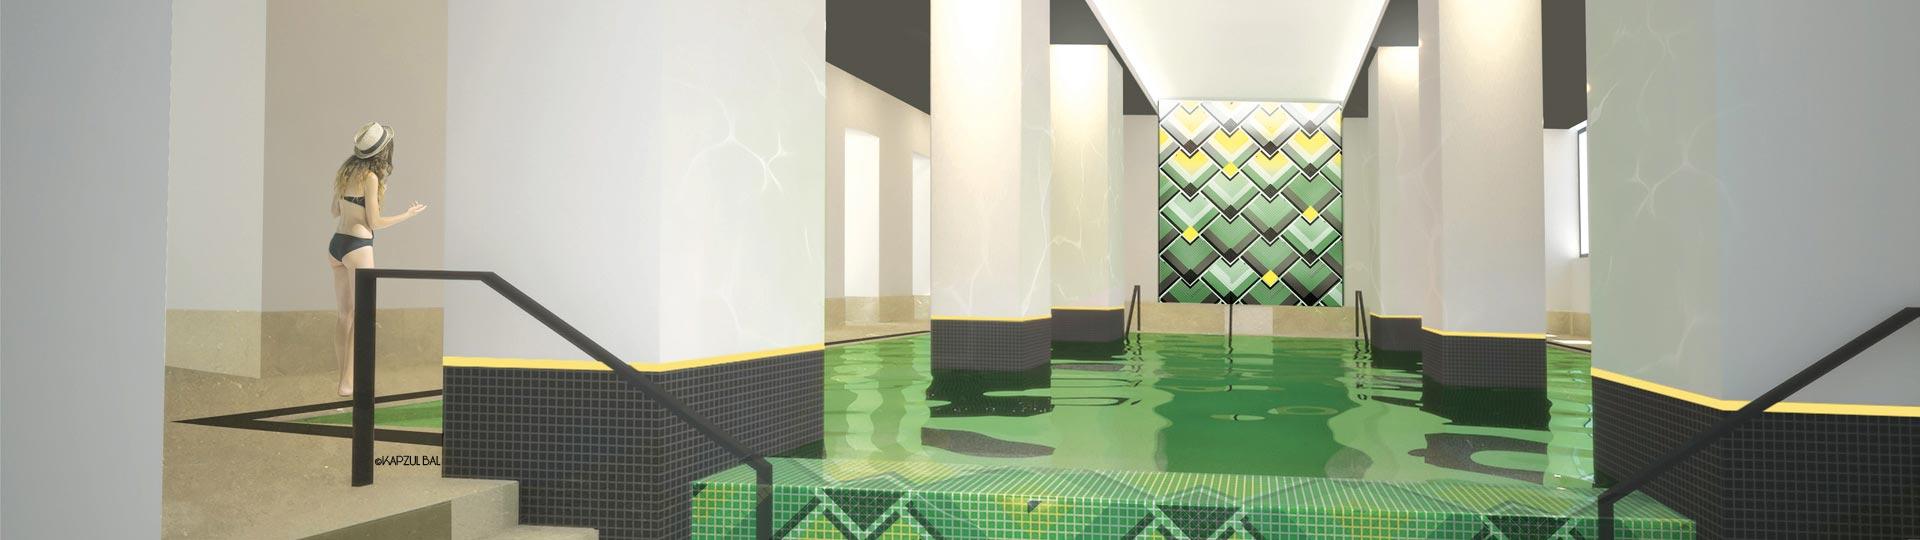 interieur-spa-innovant-dax